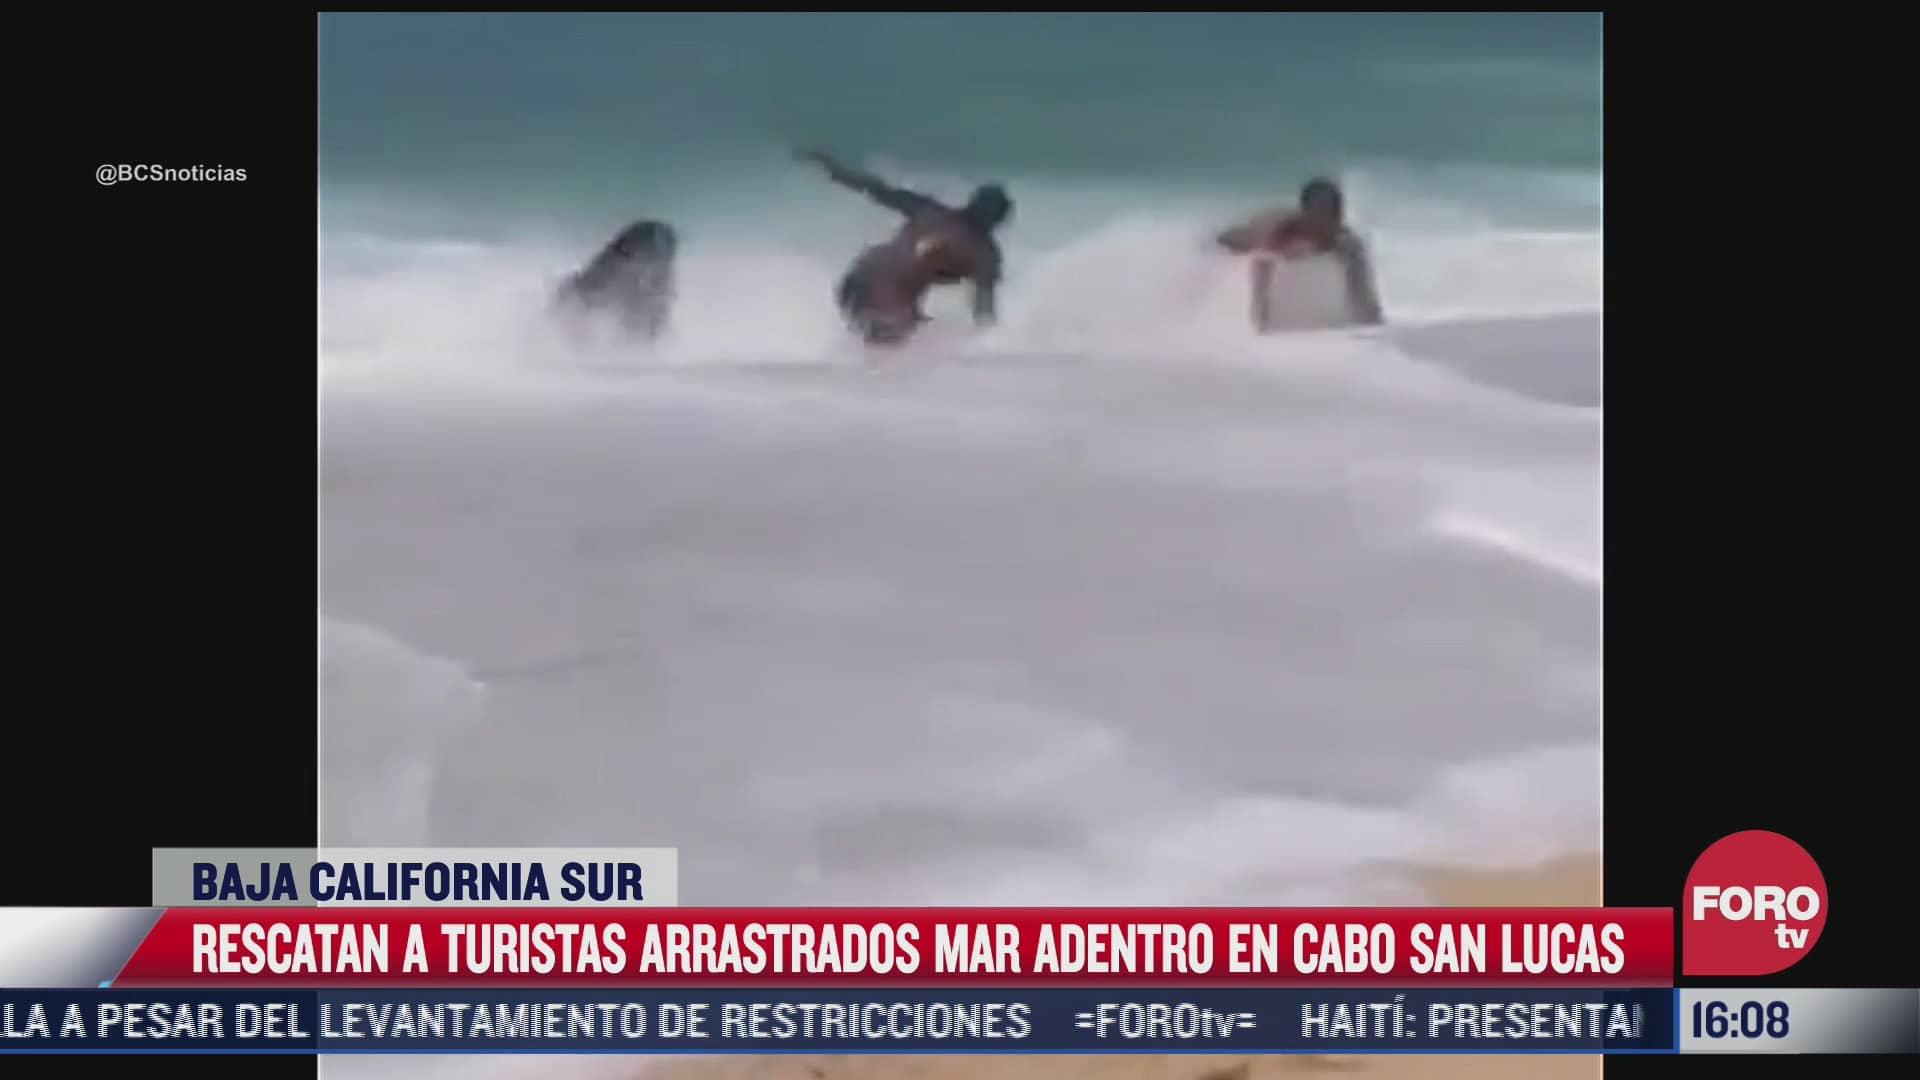 rescatan a turistas arrastrados por el mar en cabo san lucas